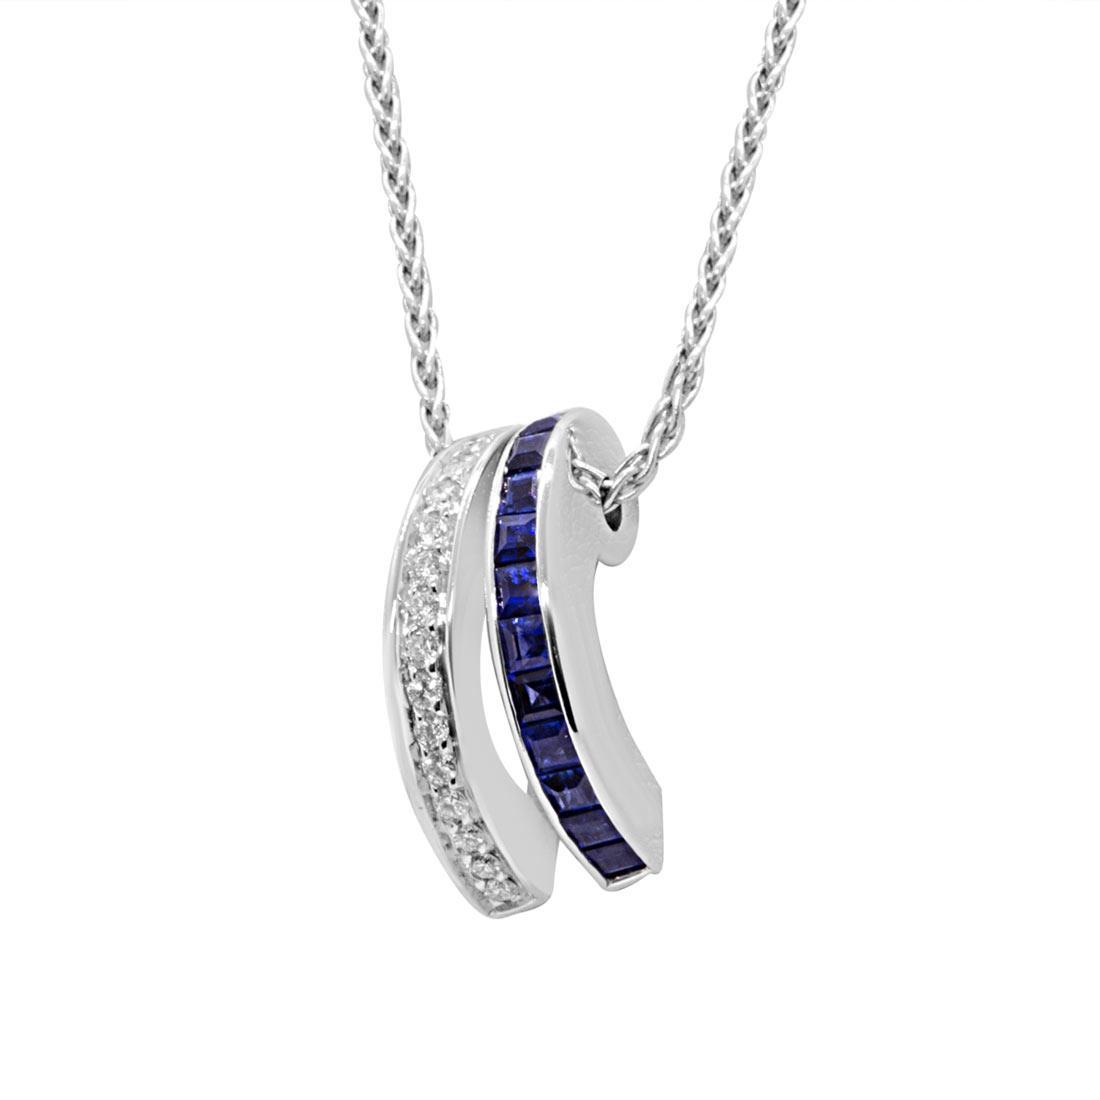 Collana in oro bianco con diamanti e zaffiri - ALFIERI ST JOHN